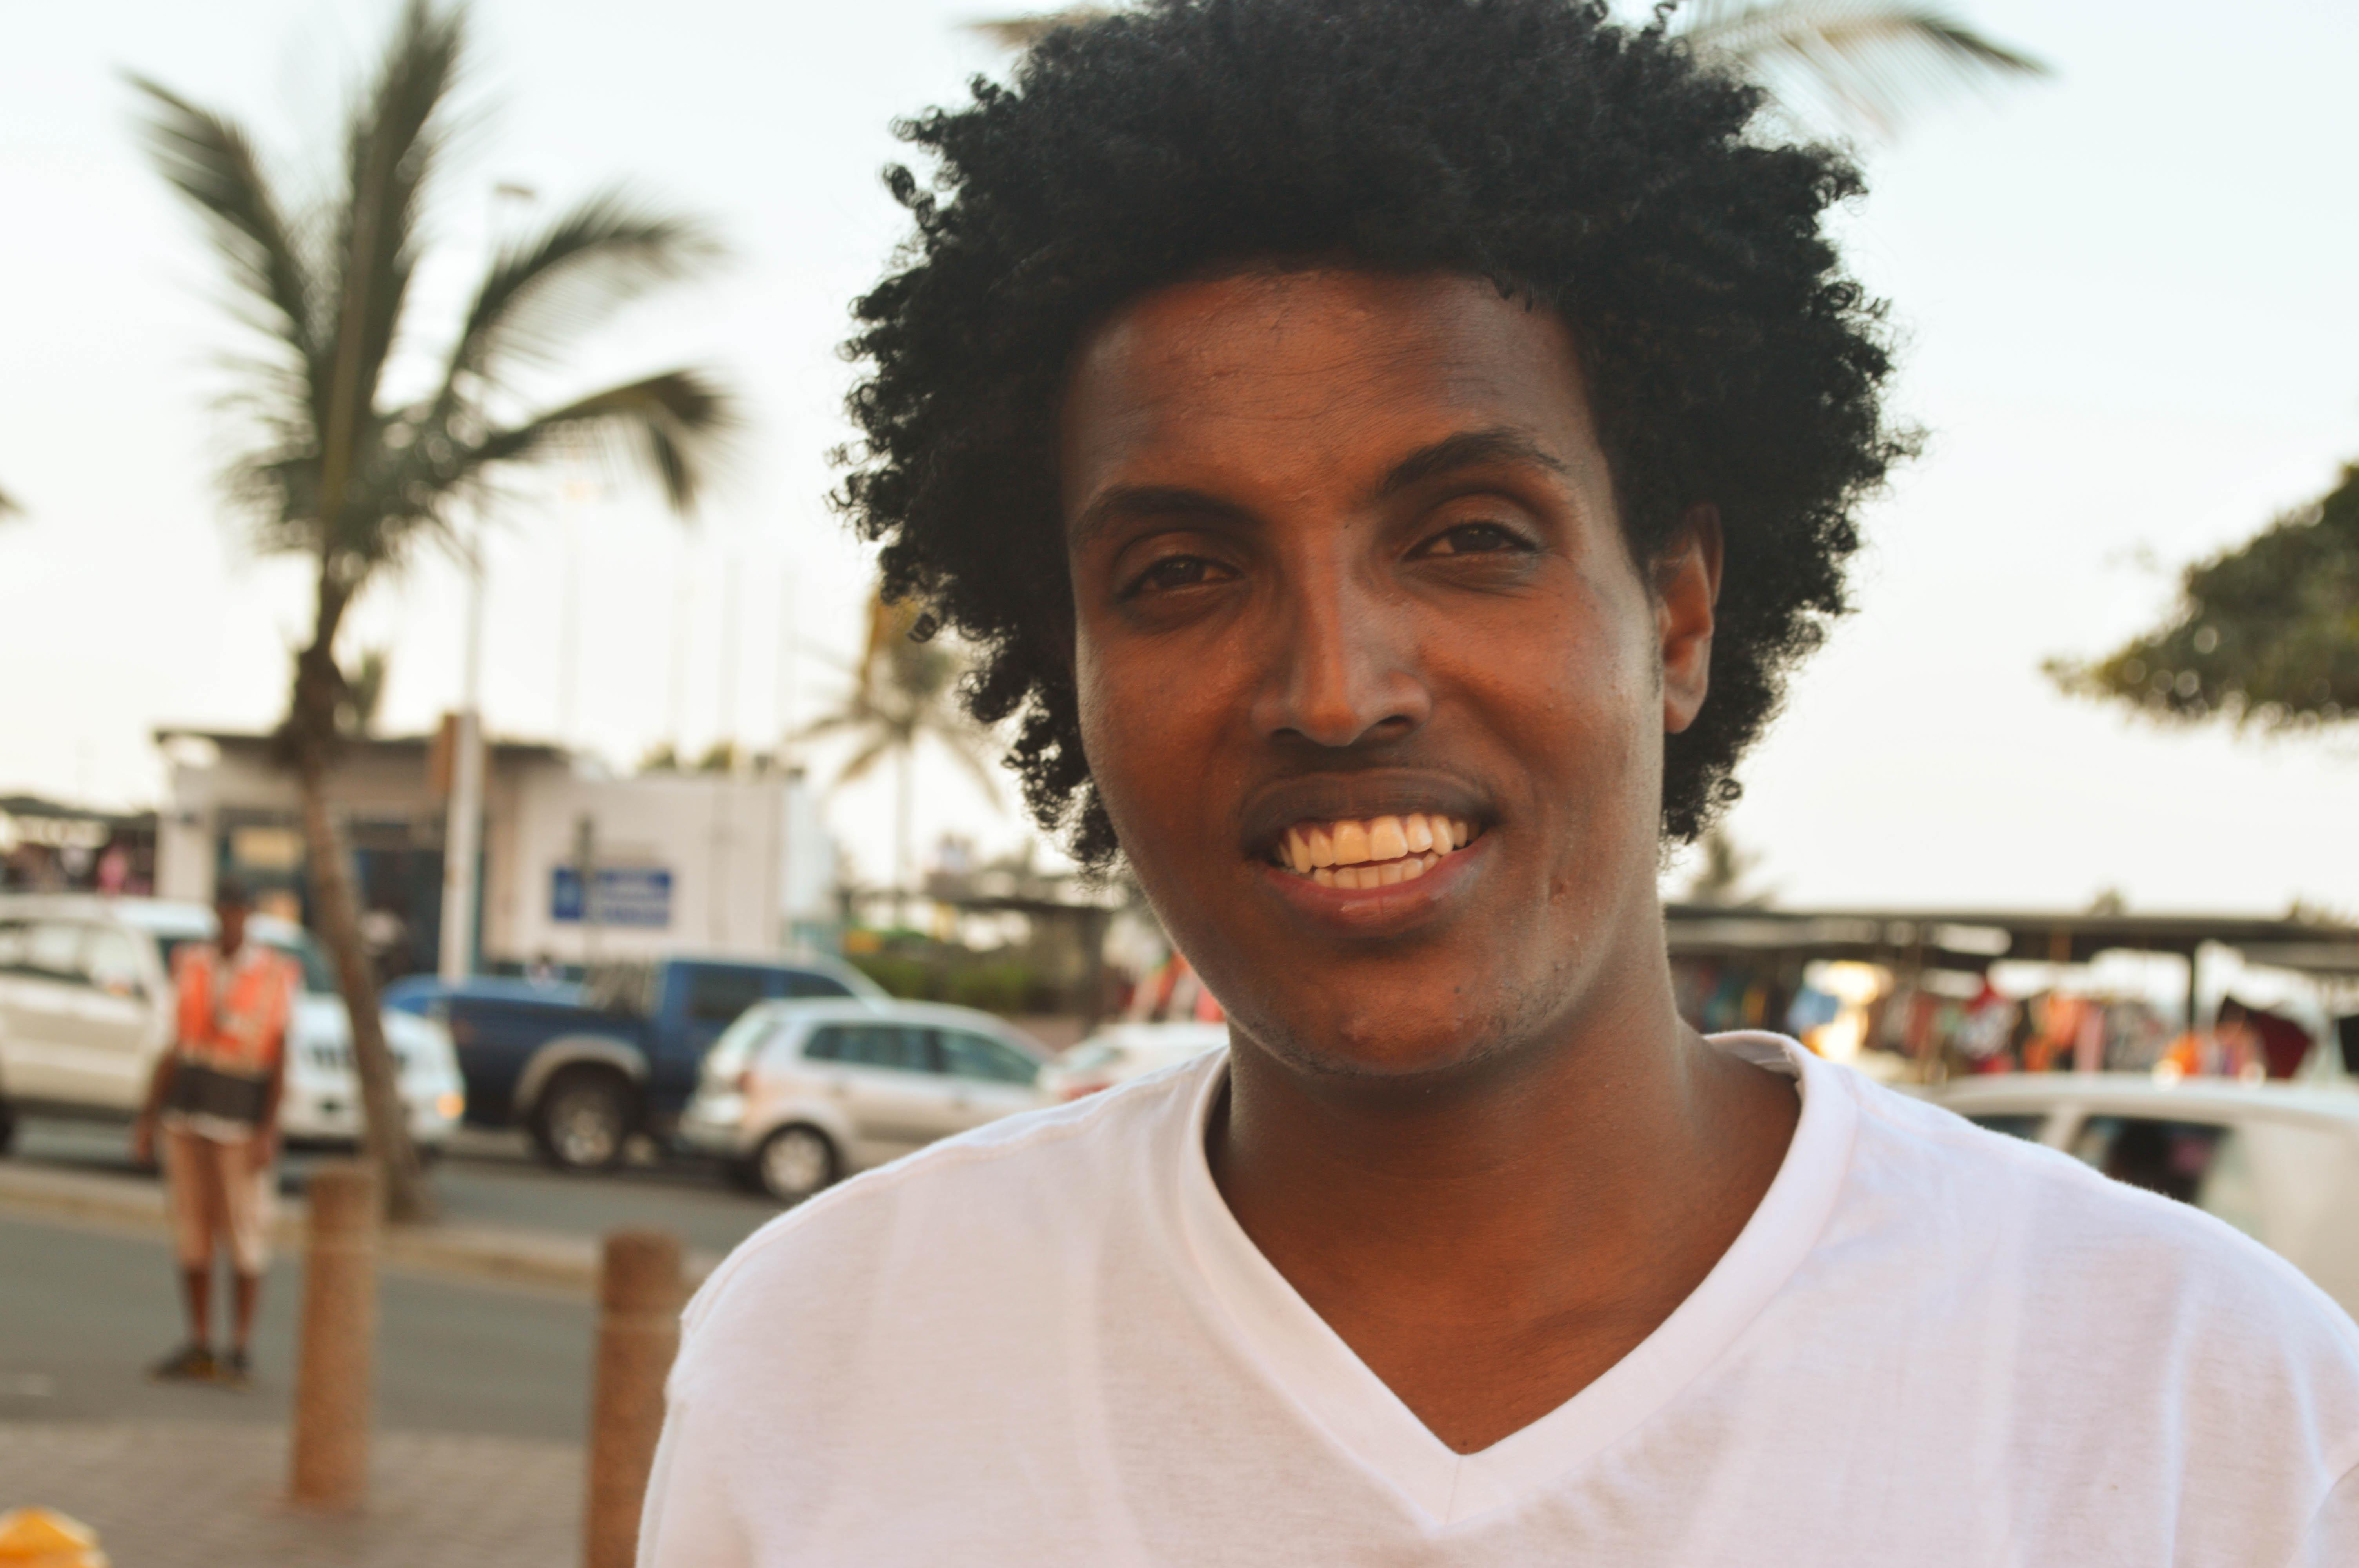 The Eritrean Struggle In SA